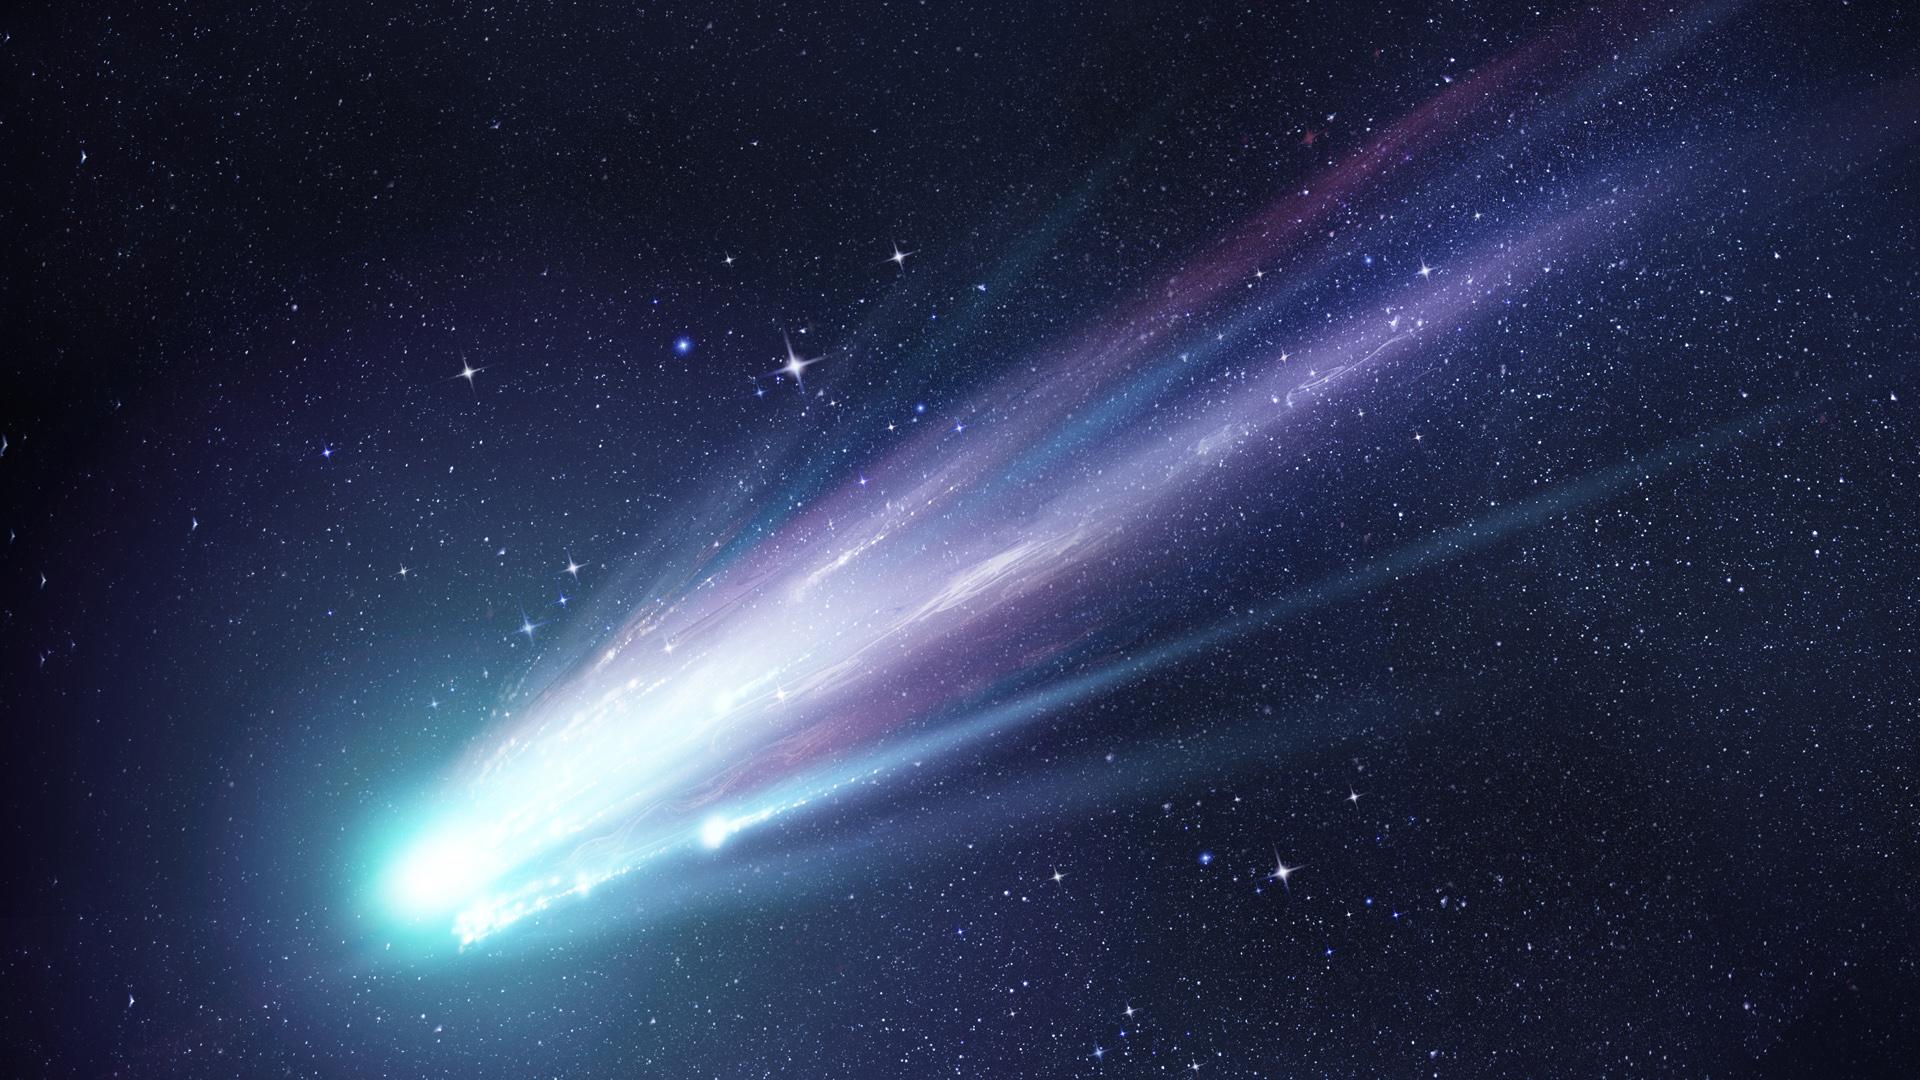 Paris sugirió que podía tratarse de un cometa (iStock)